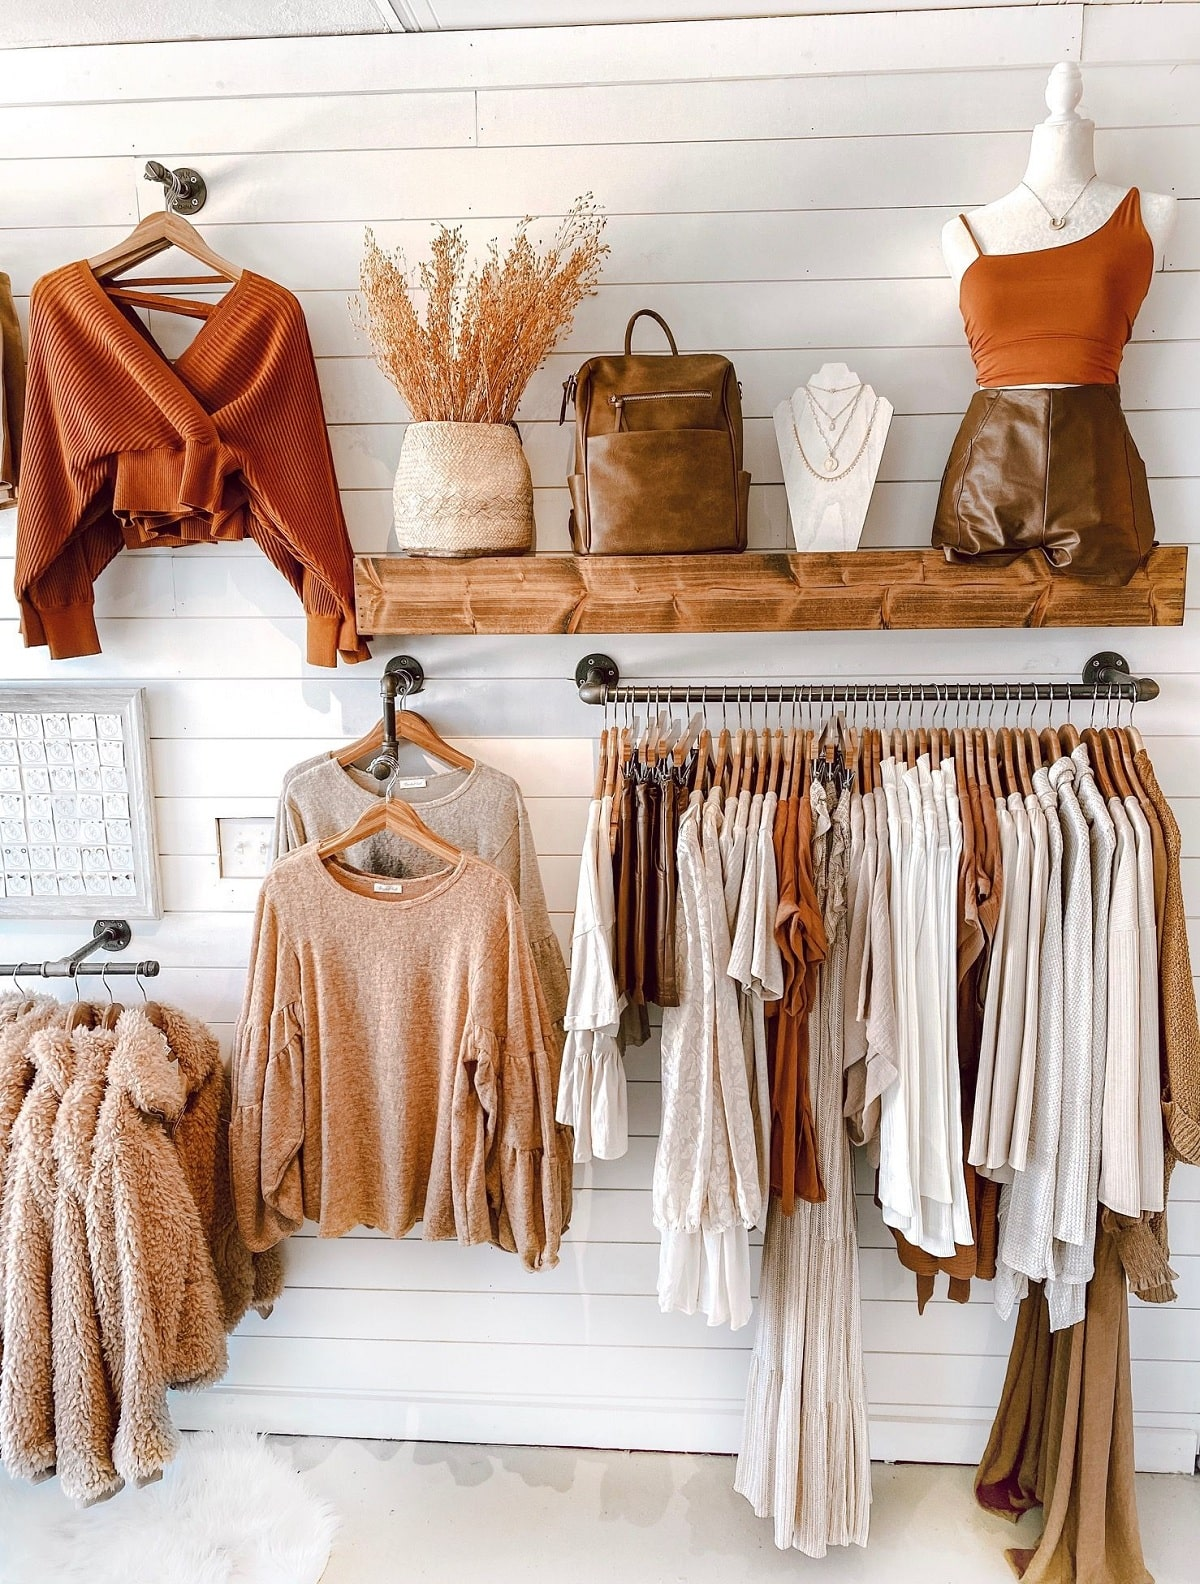 Trình Bày Sản Phẩm Showroom Theo Phong Cách Boutique